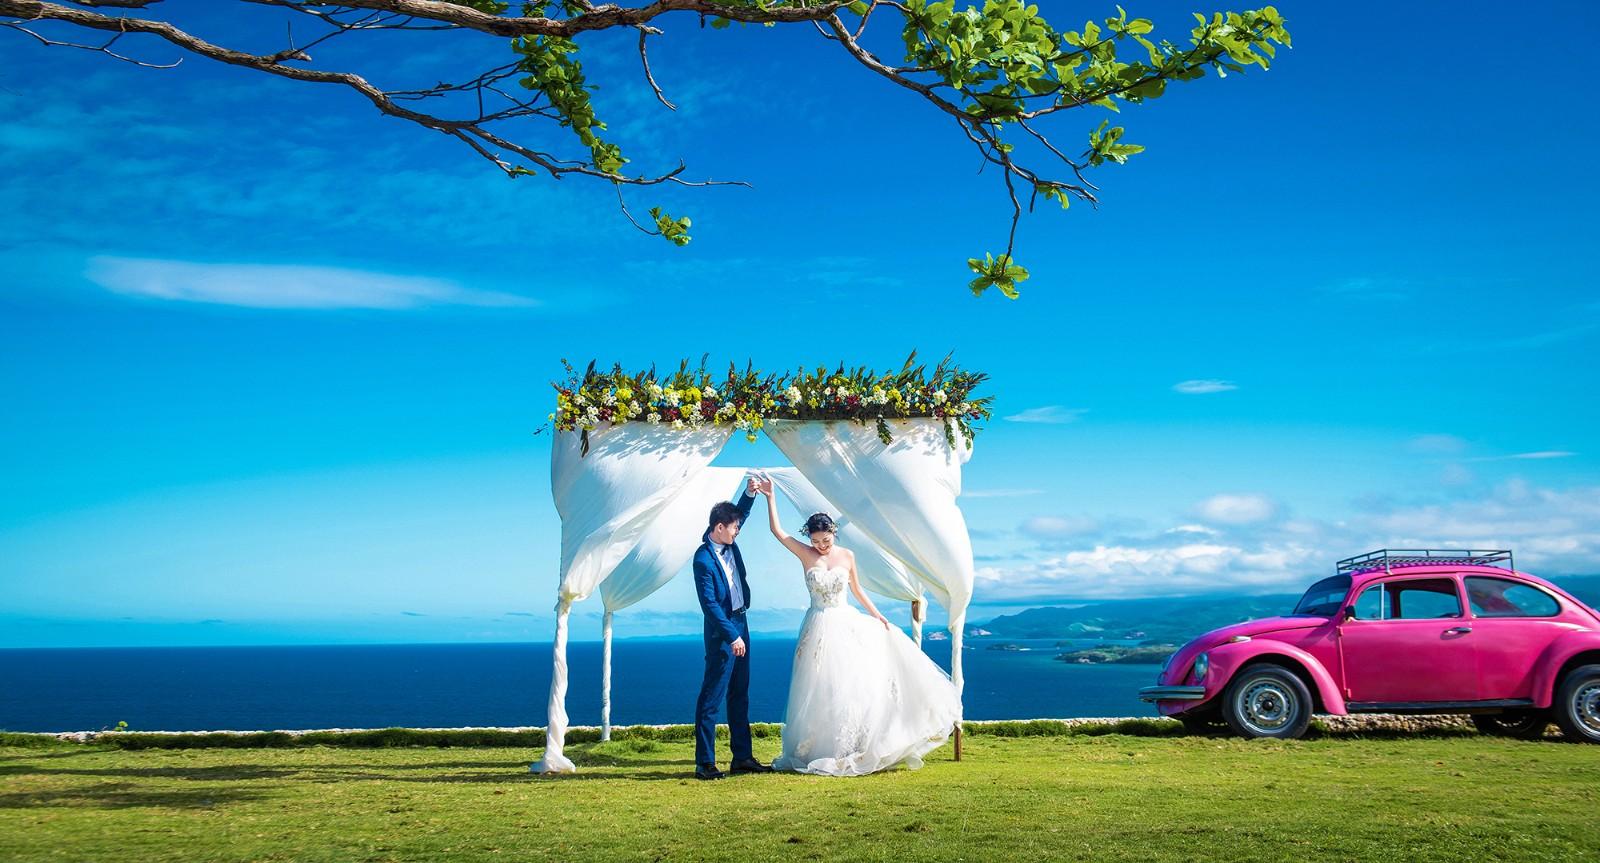 长滩岛婚纱照 长滩岛旅拍 海外旅拍